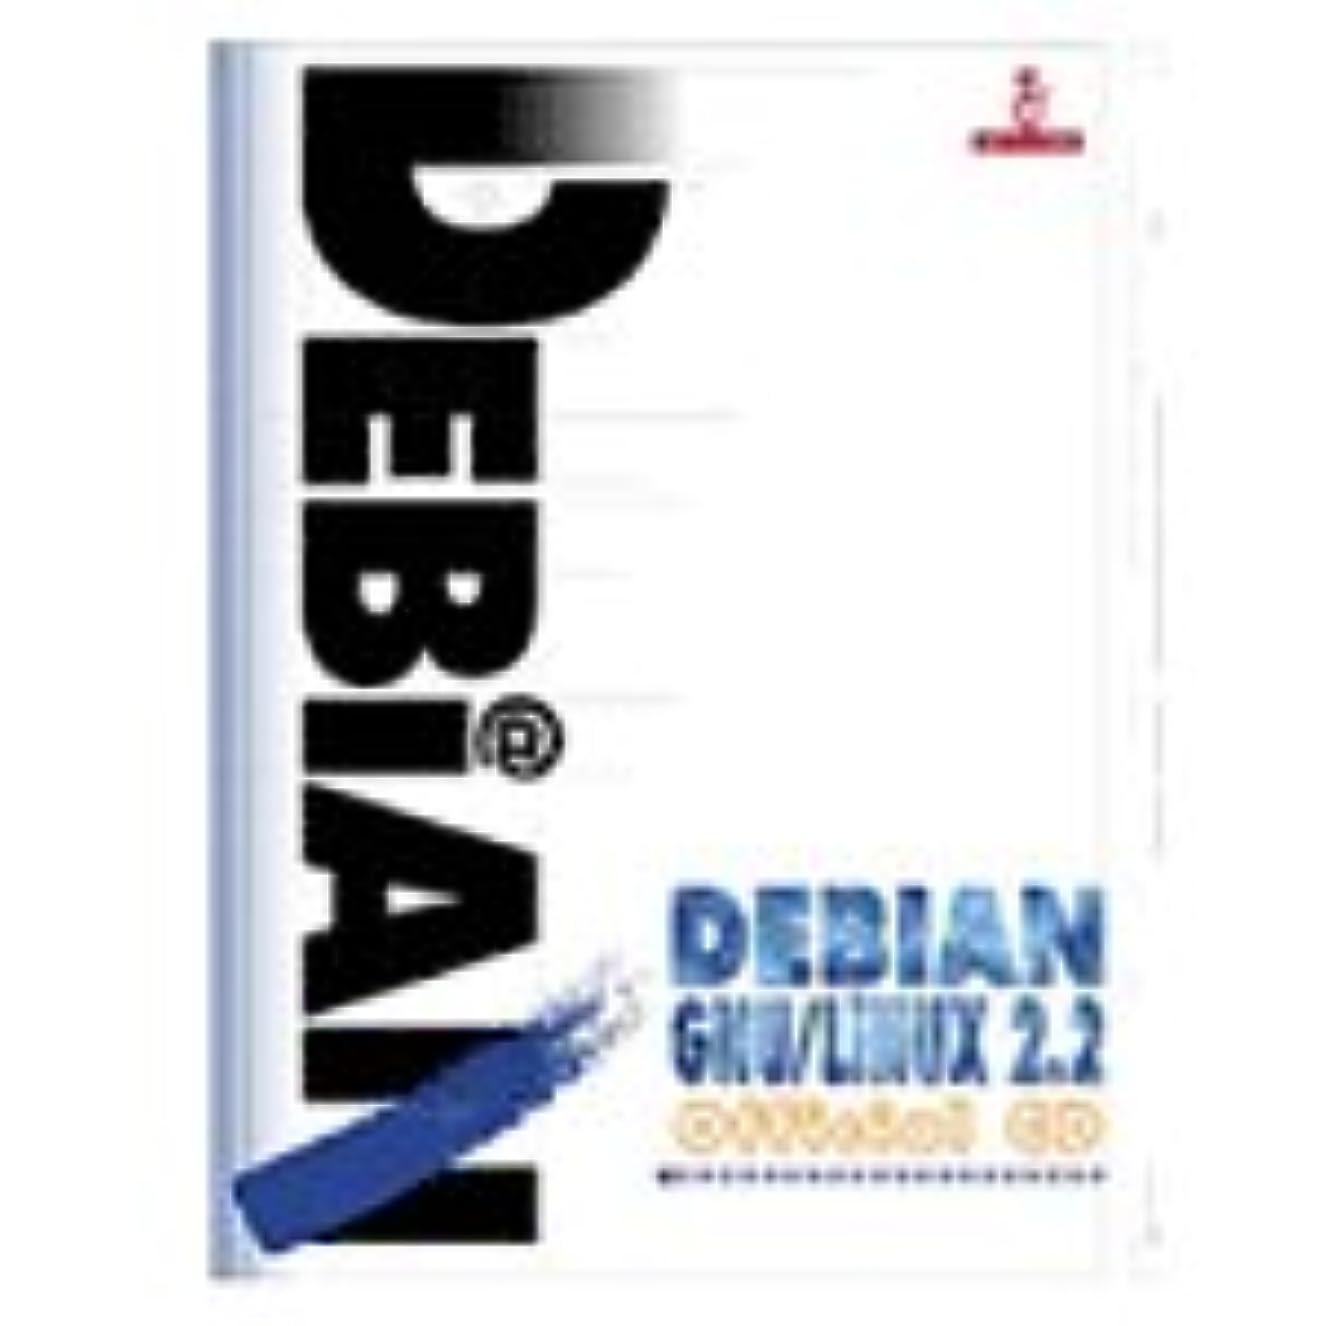 撃退する加害者興奮Debian GNU/Linux 2.2 Official CD